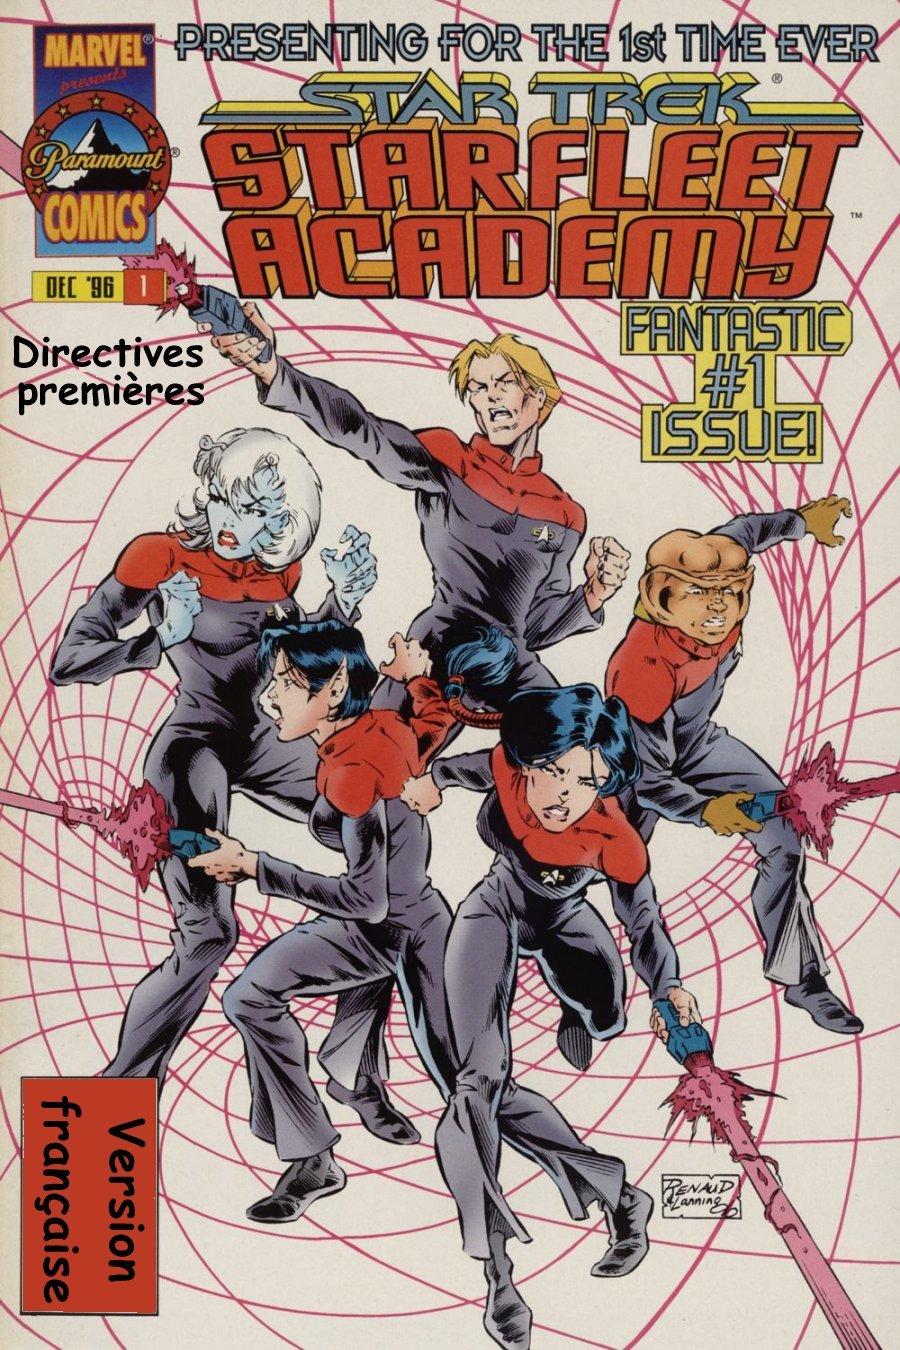 Starfleet Academy #1, 2 & 3: Prime directive [1996;post-DS9] 101